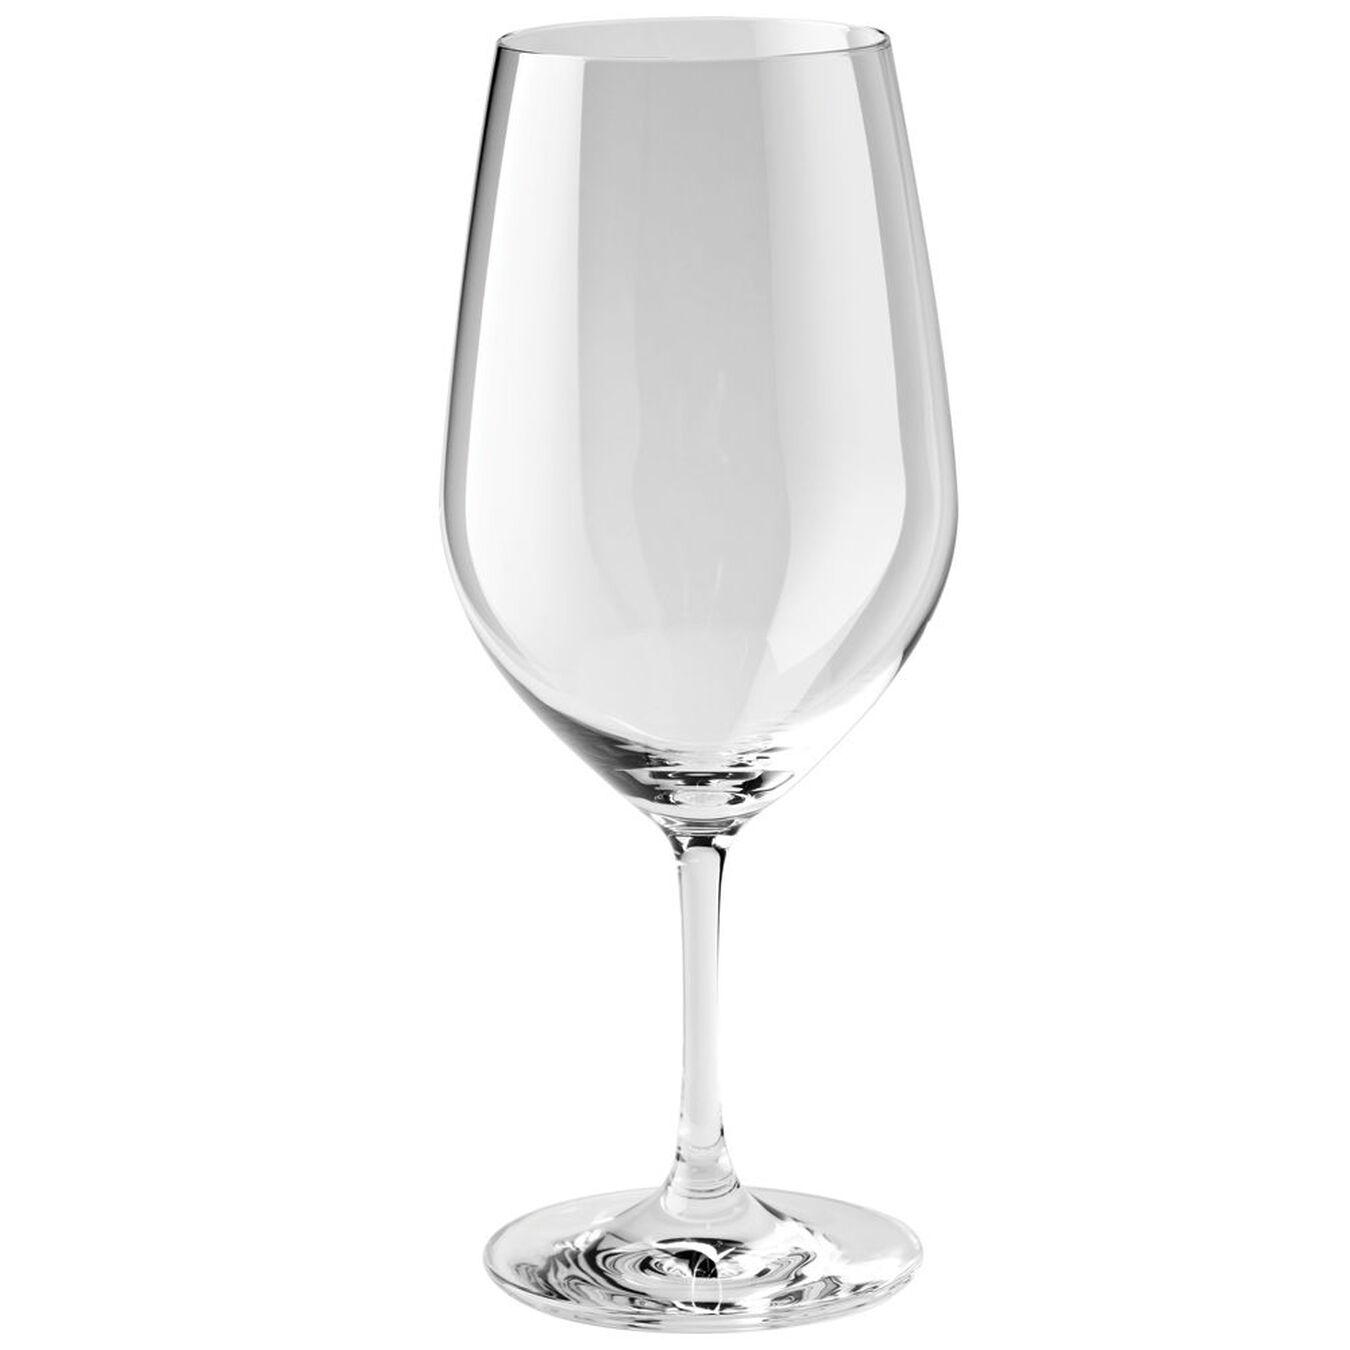 6-pc Bordeaux Grand Glass Set,,large 1